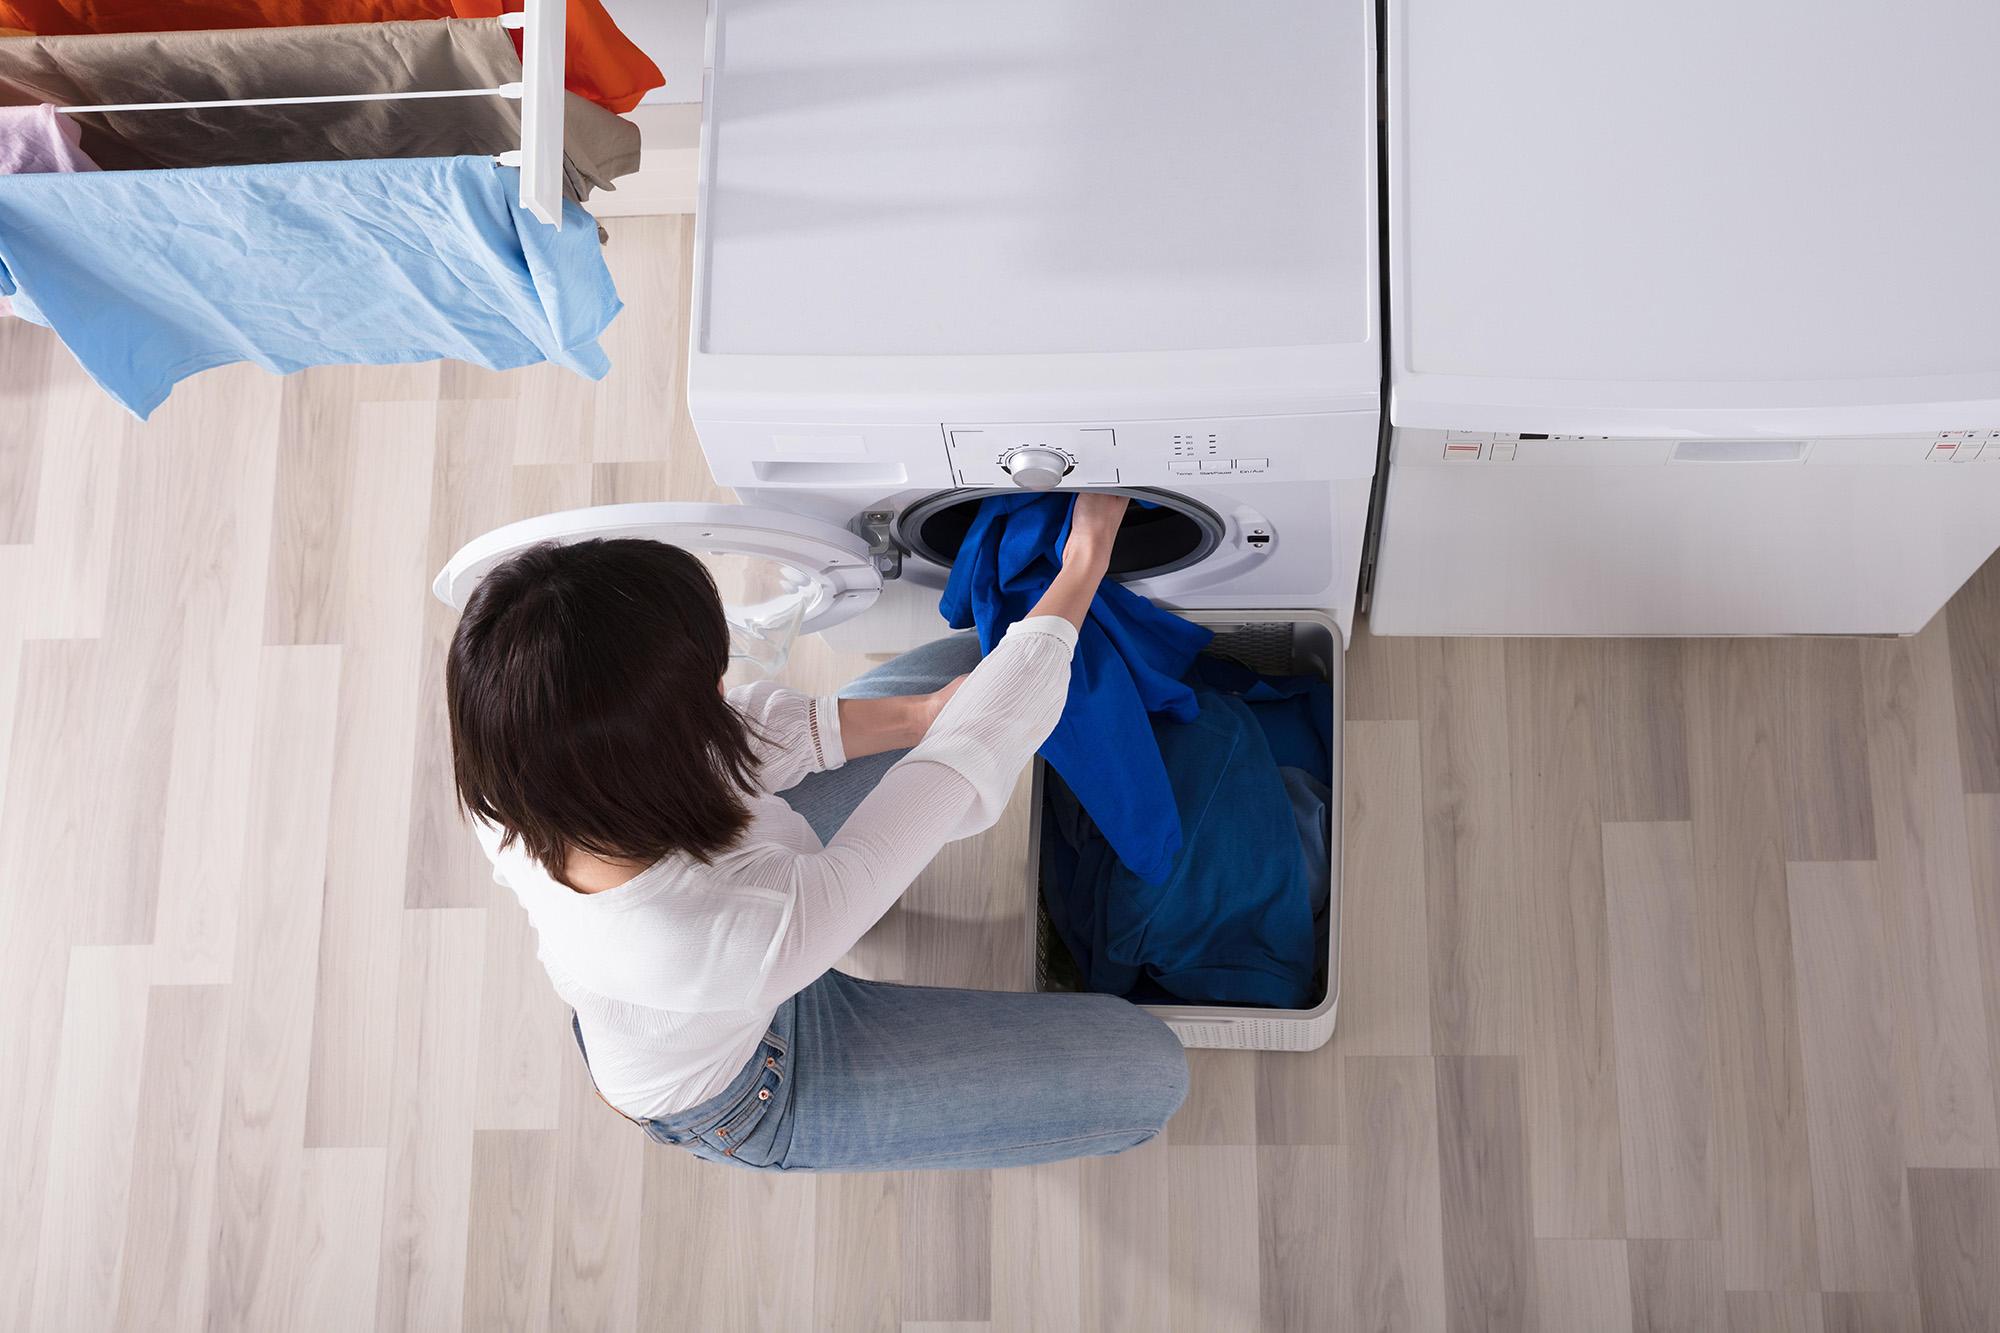 Zaten bu ürünler büyüklük olarak pek çok çamaşırdan daha fazla yer kaplamaktadır. Yani büyüklüğü bir çamaşır makinası için tek başına kafi gelecektir. Yatak Takımları Ne Sıklıkta Yıkanır.